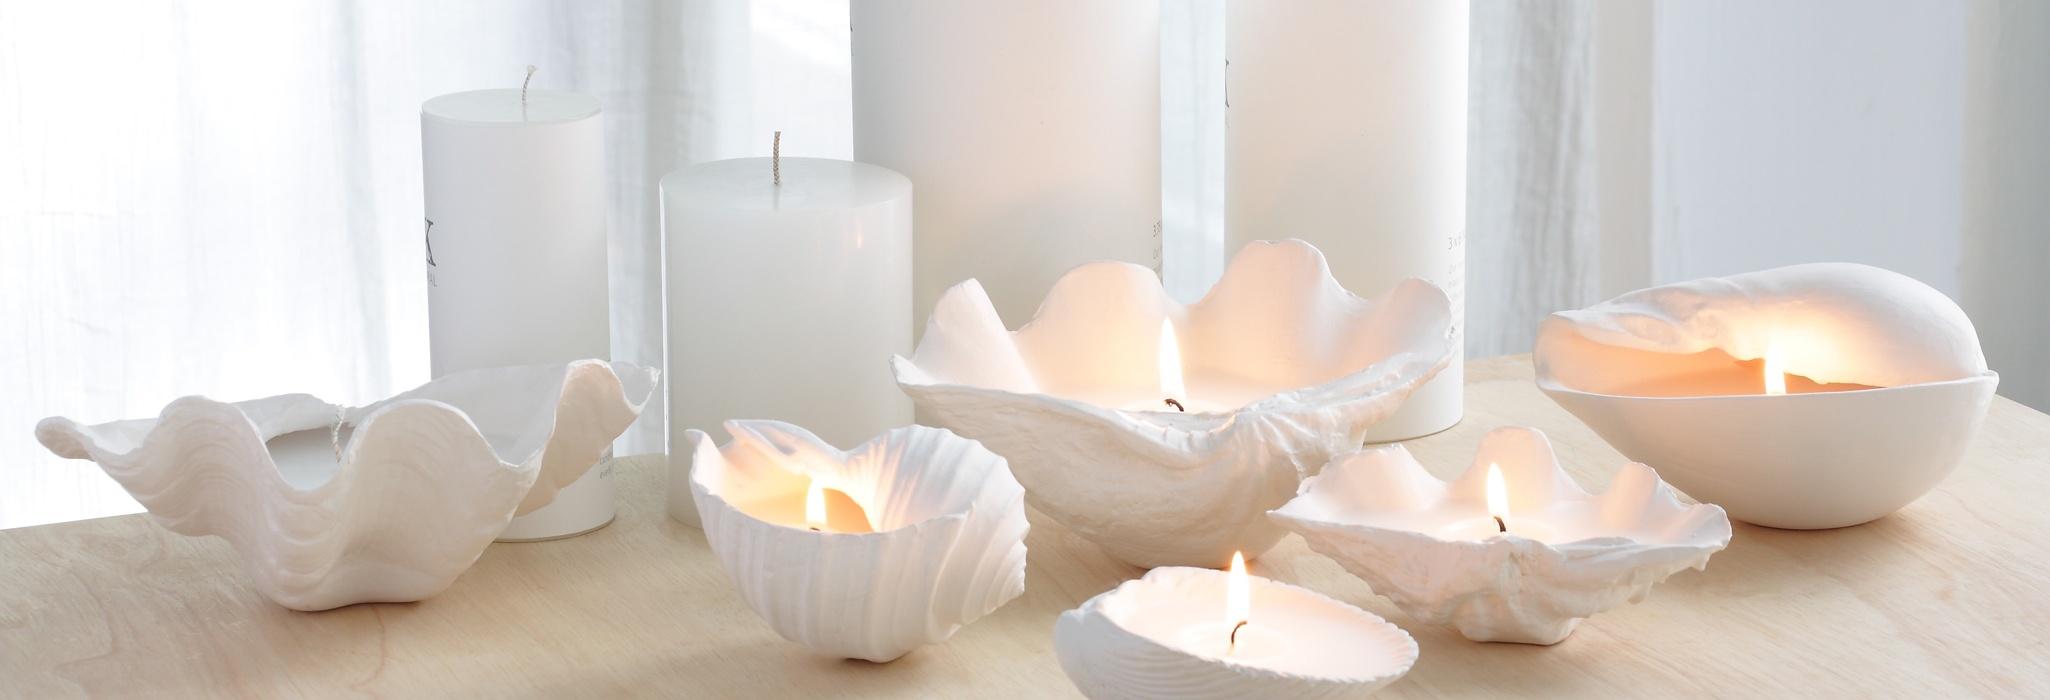 شمع استوانه قطر ١٠ * ٧